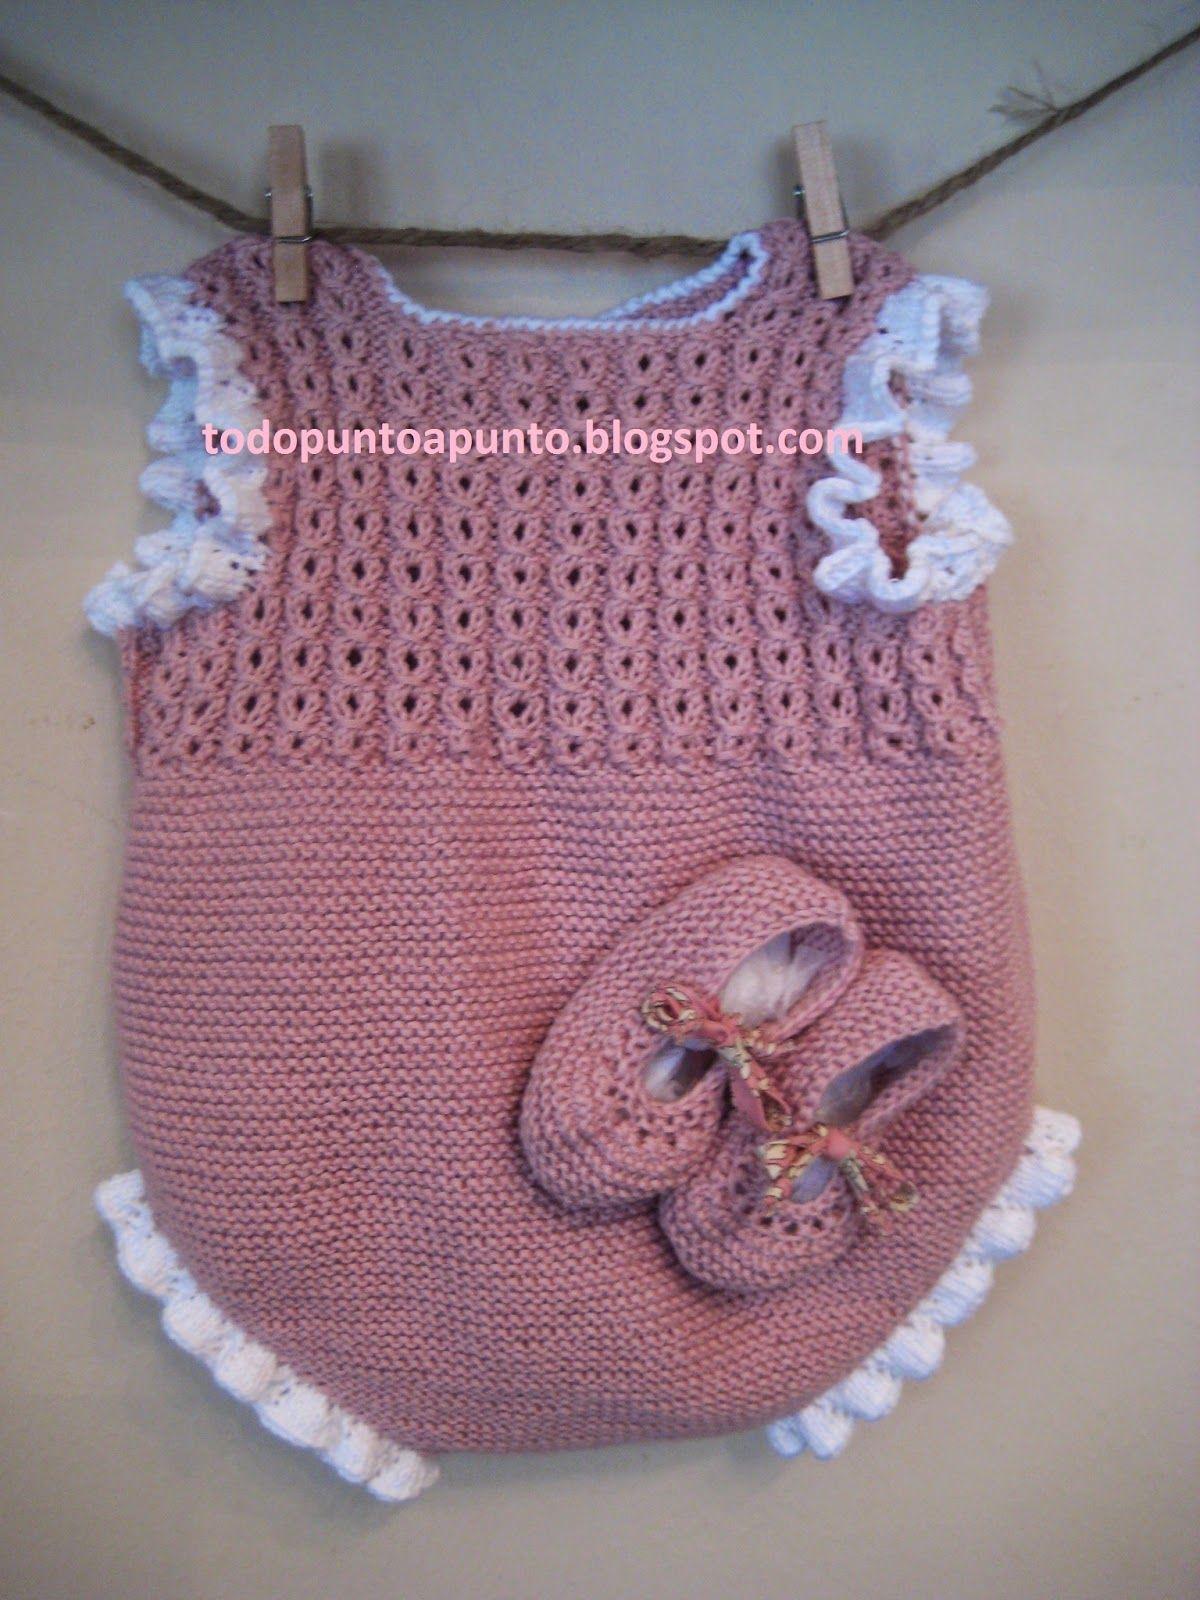 todopuntoapunto | Knitting - Babies & Girls | Pinterest ...